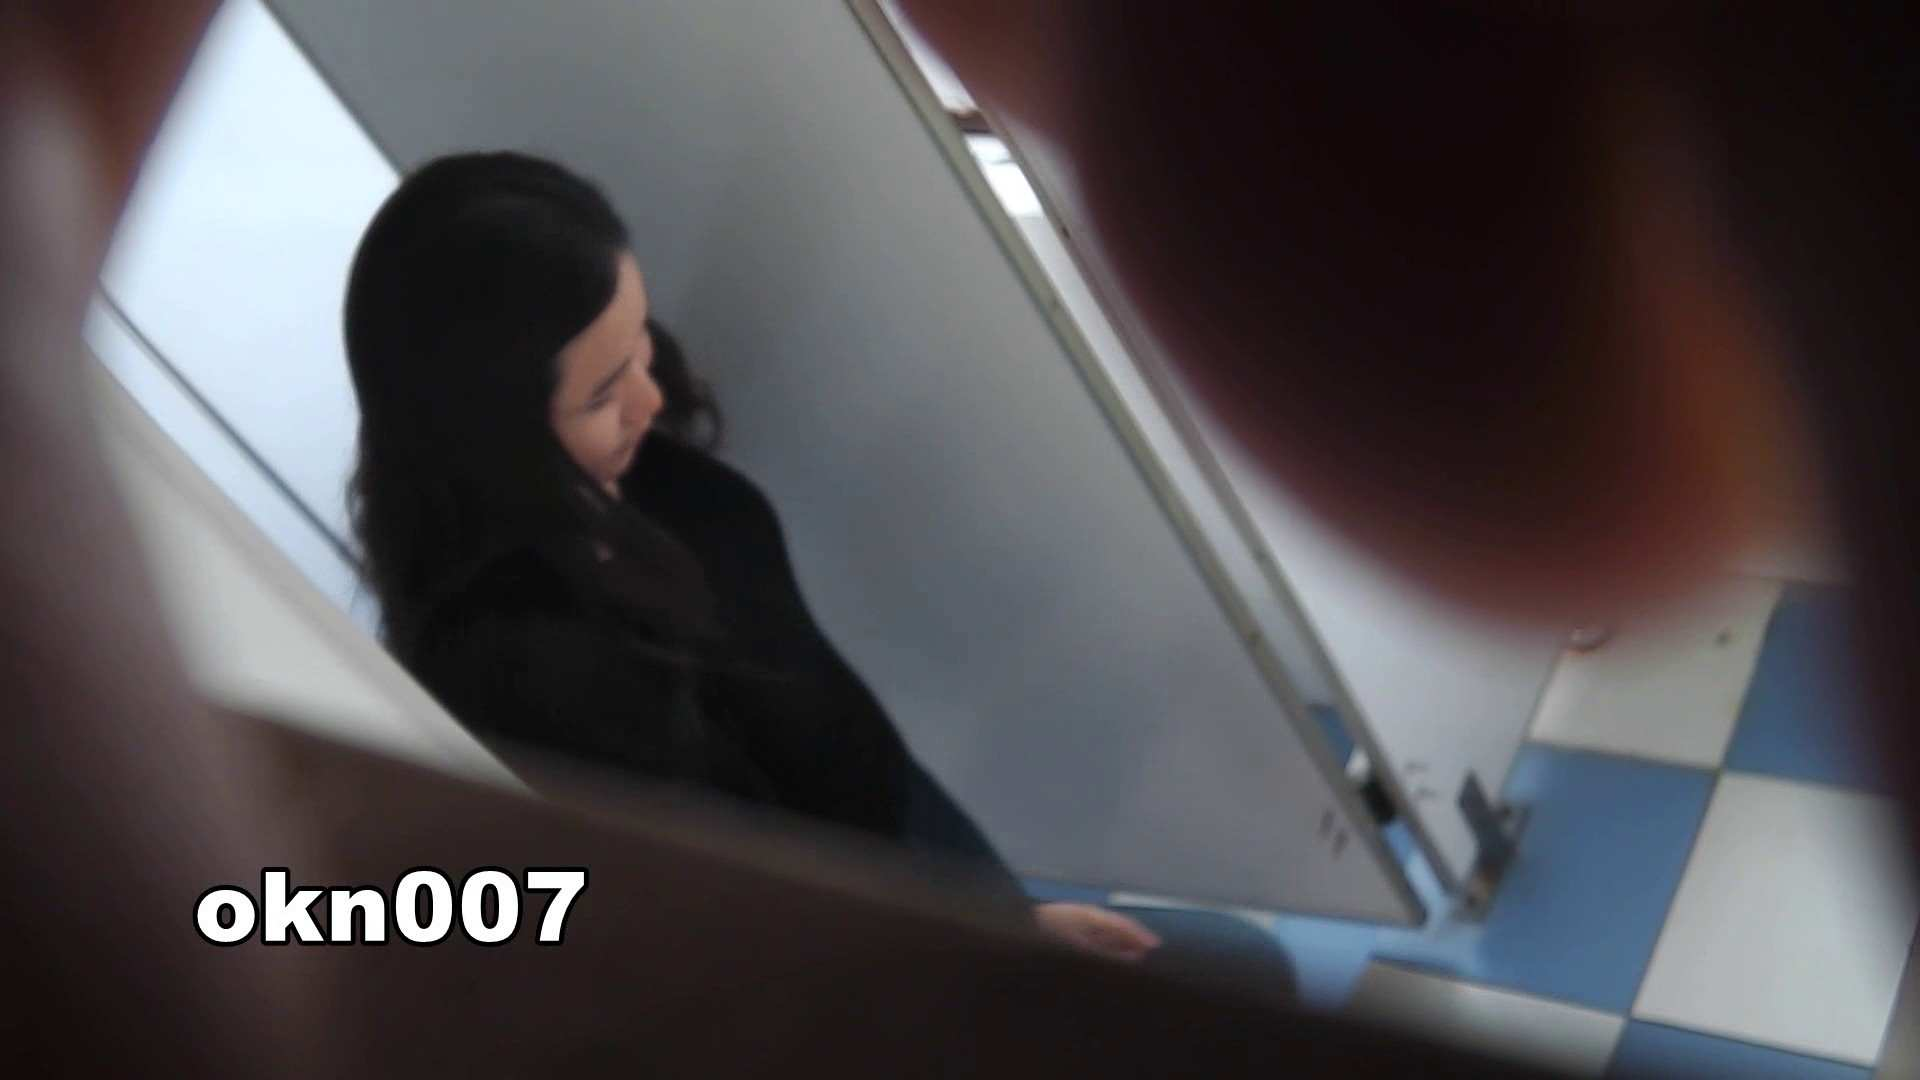 下からノゾム vol.007 クパッと広げて叩いてブルッ! 洗面所  57PIX 46